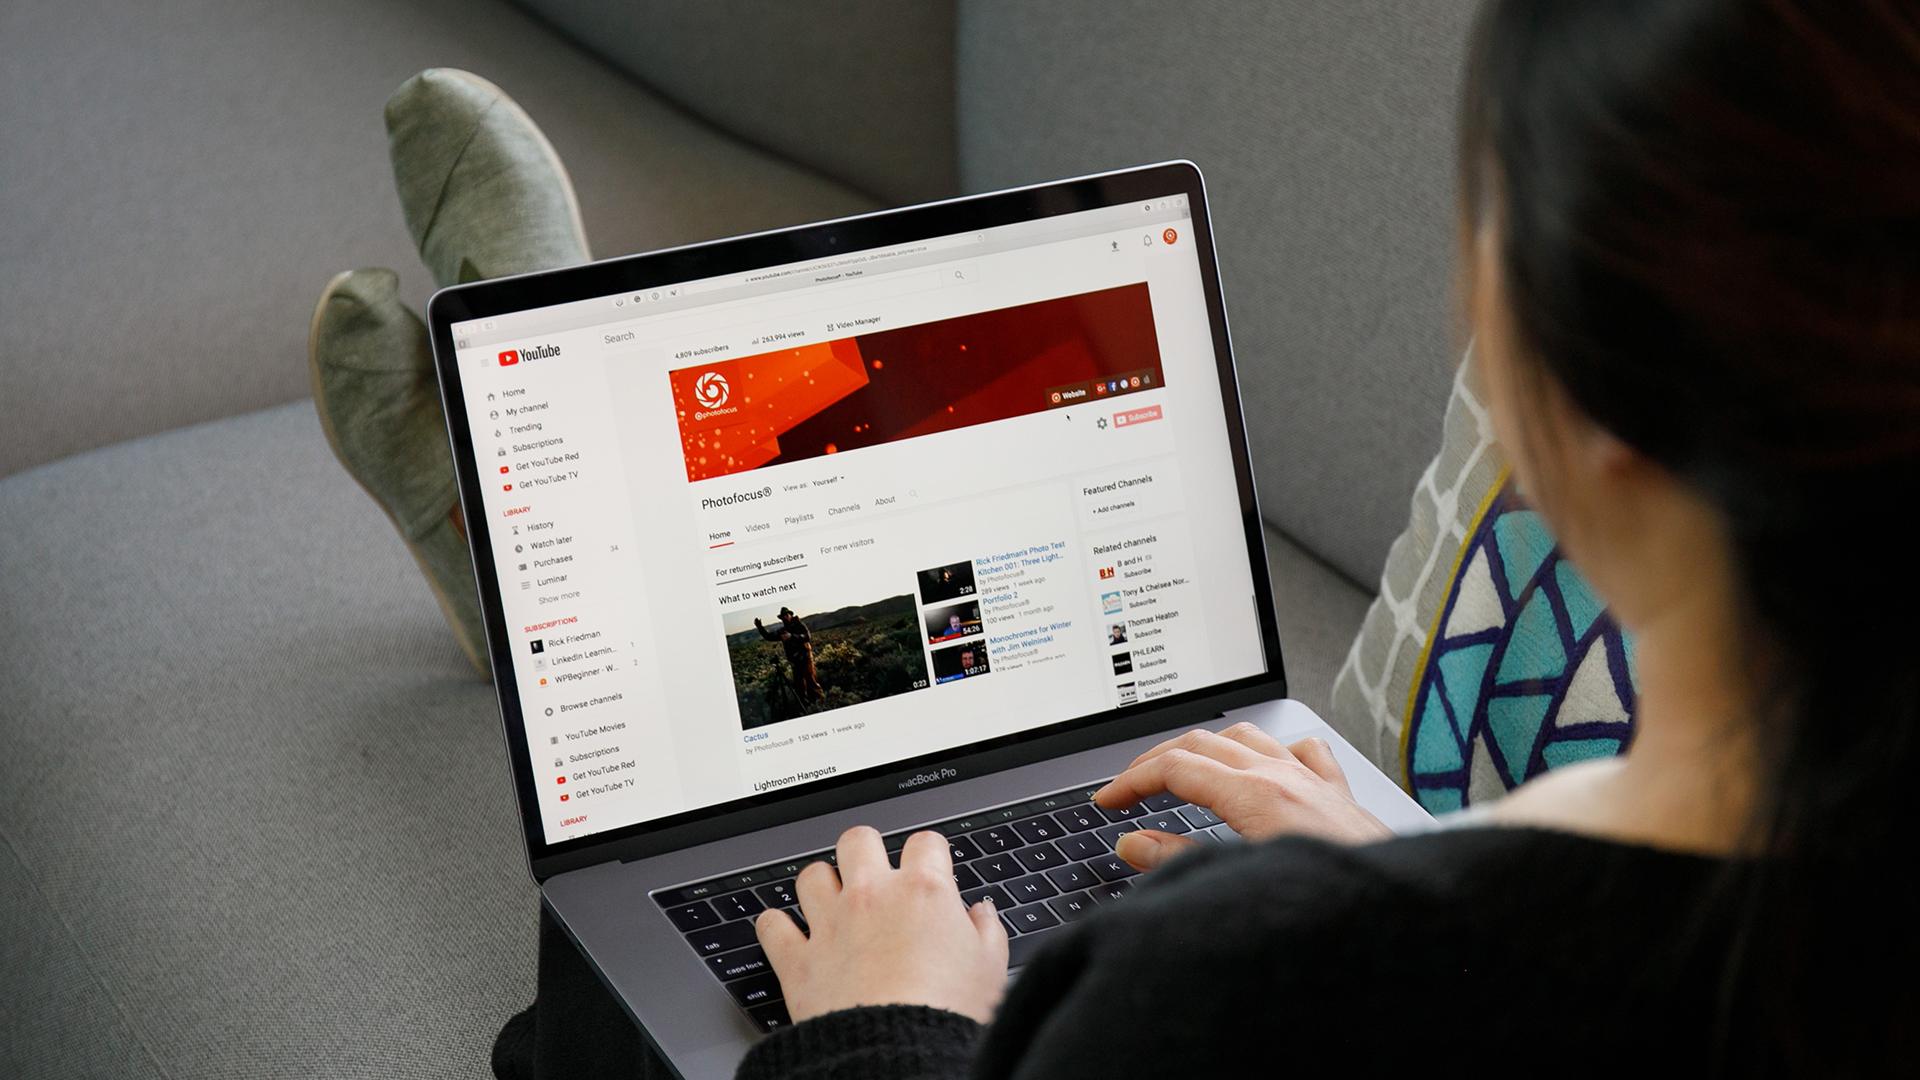 channel youtube digital marketing